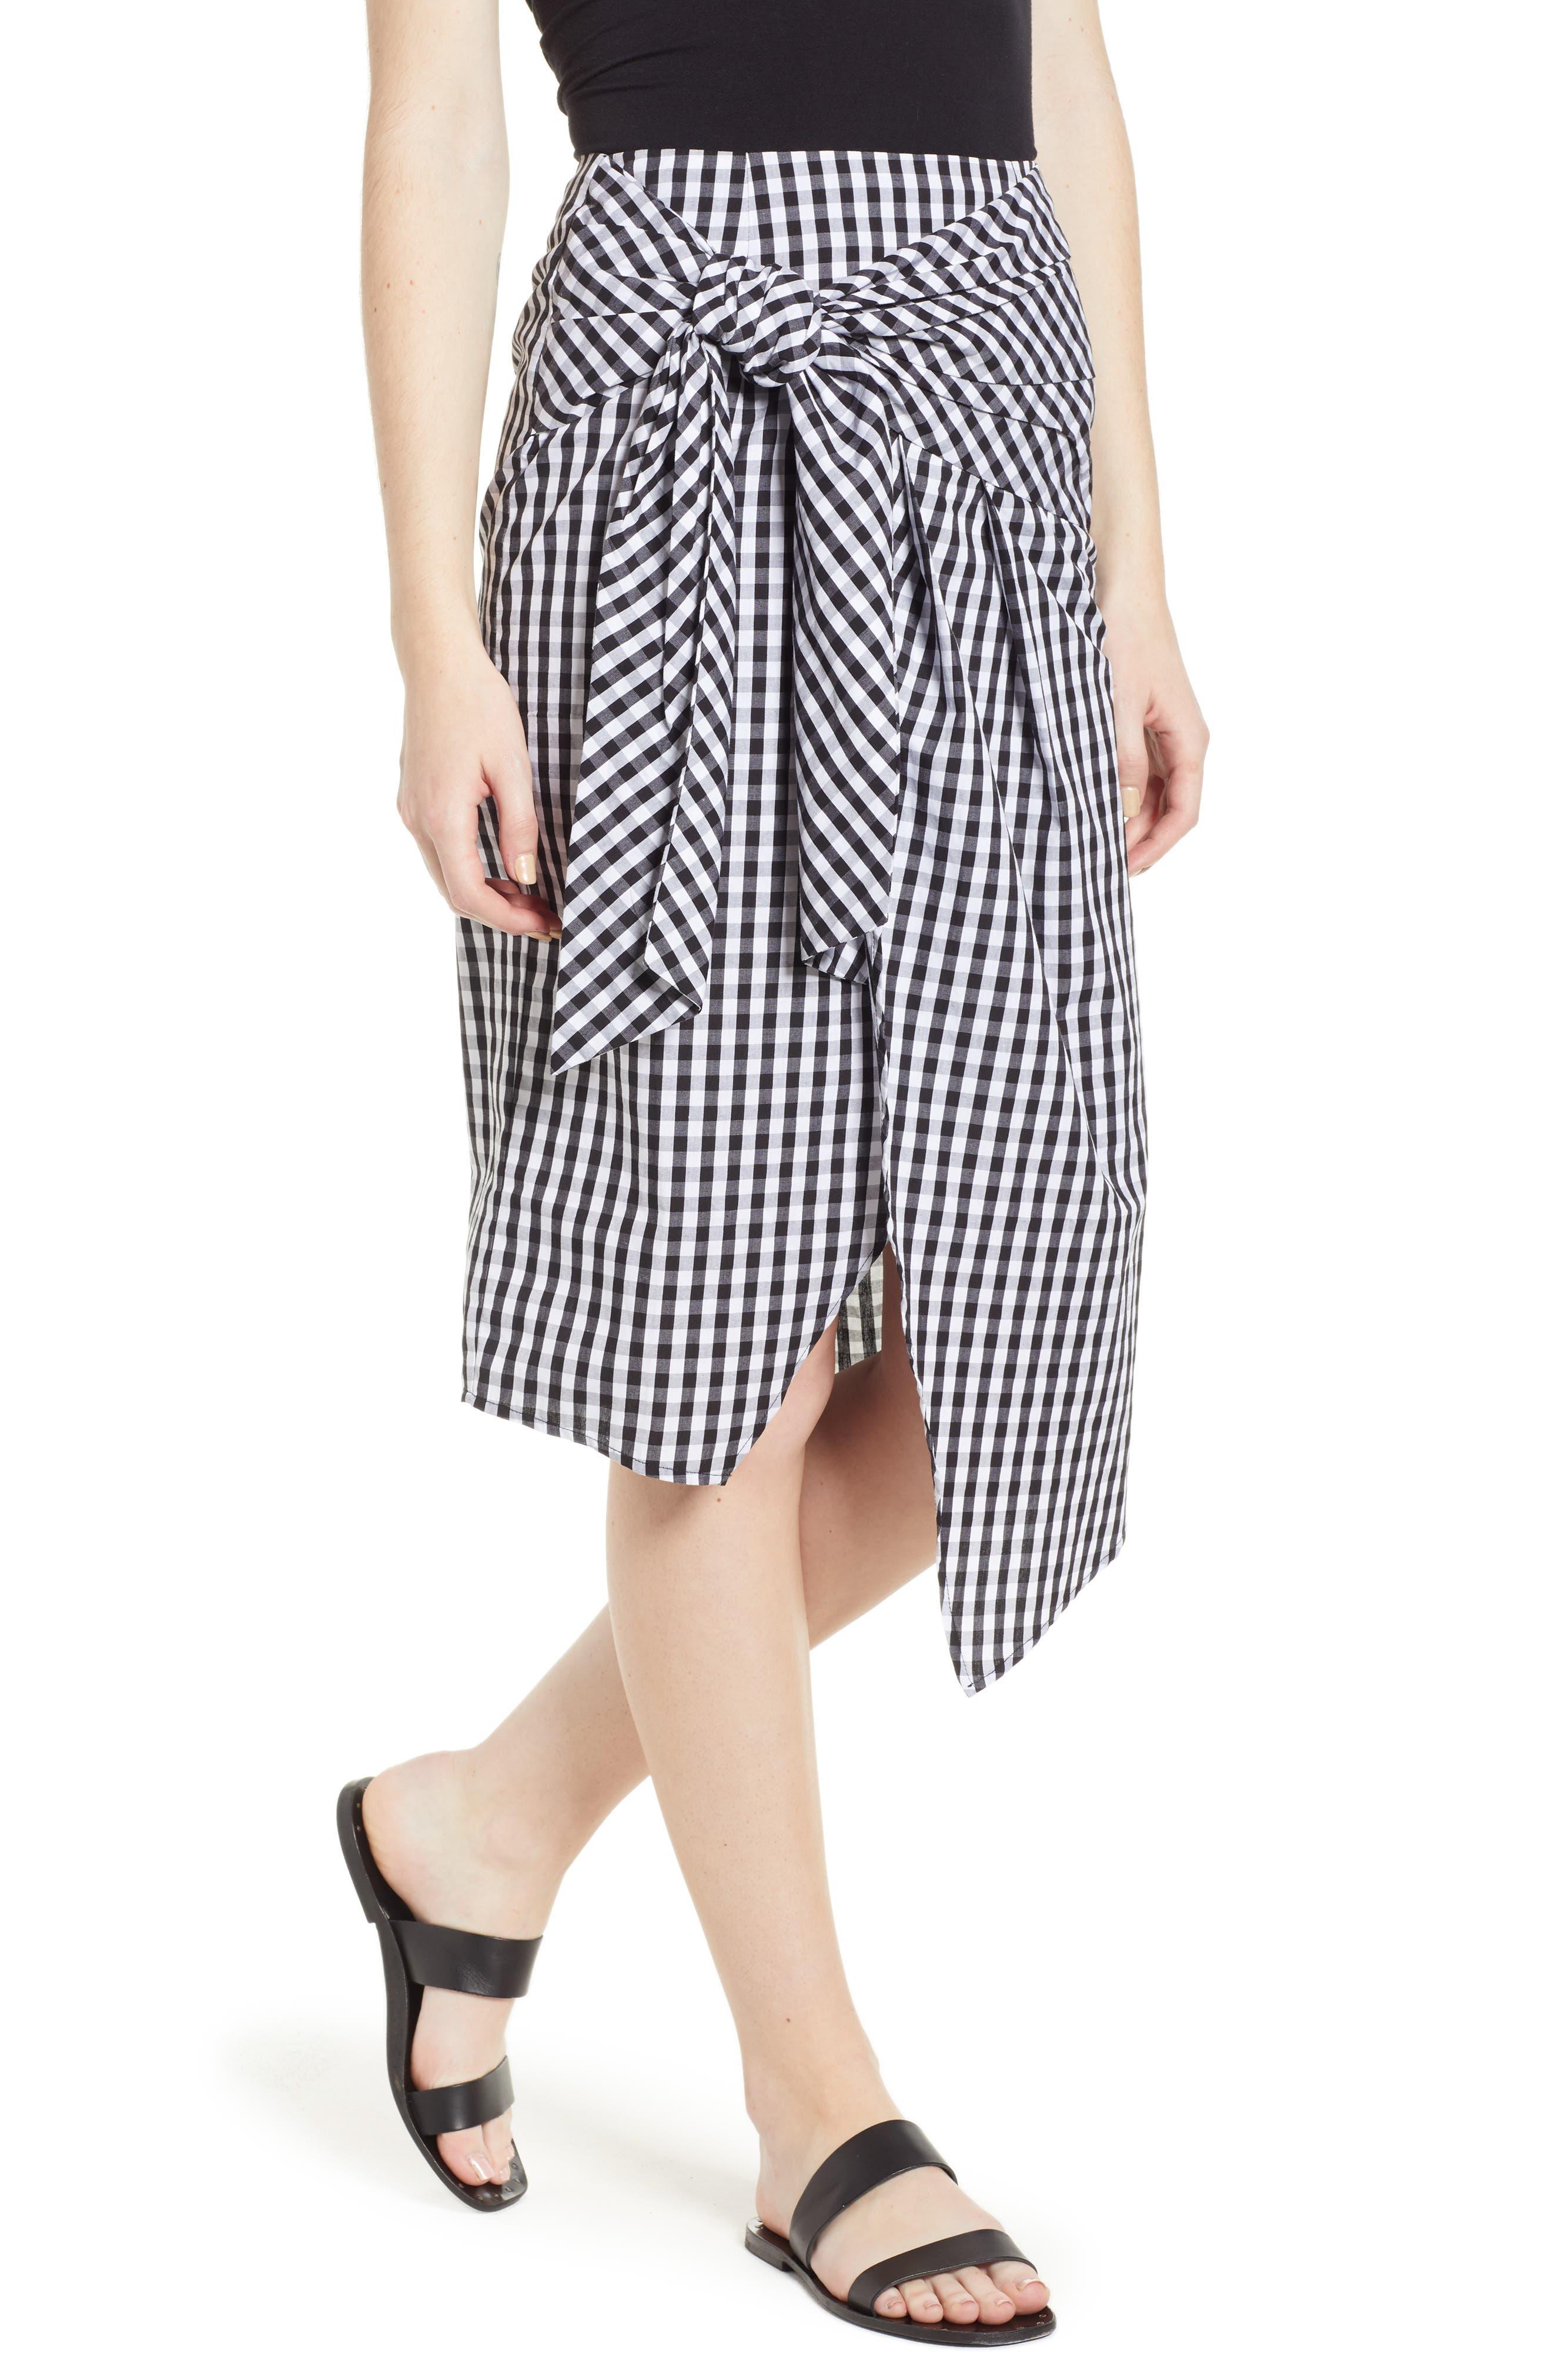 Gingham Tie Waist Skirt,                             Main thumbnail 1, color,                             Black/ White Gingham